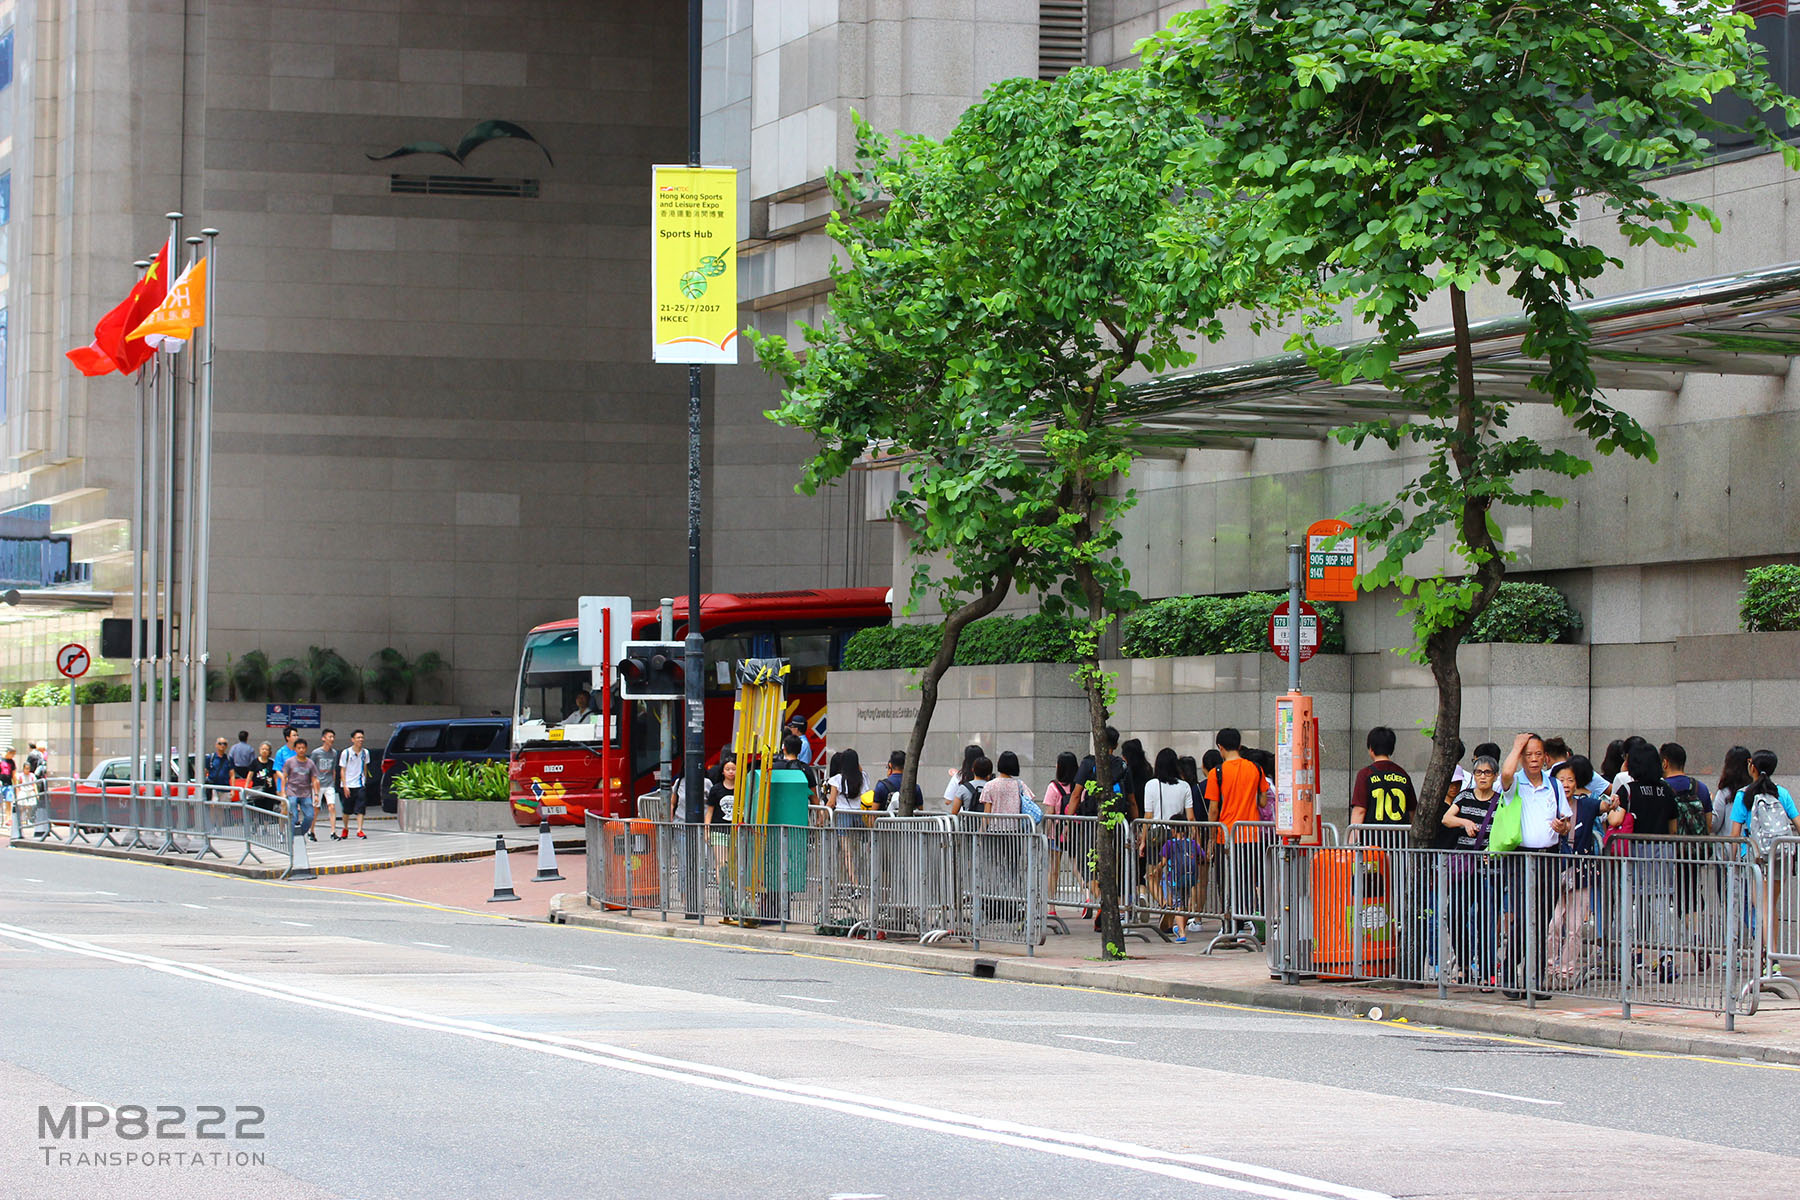 香港會議展覽中心 (港灣道)